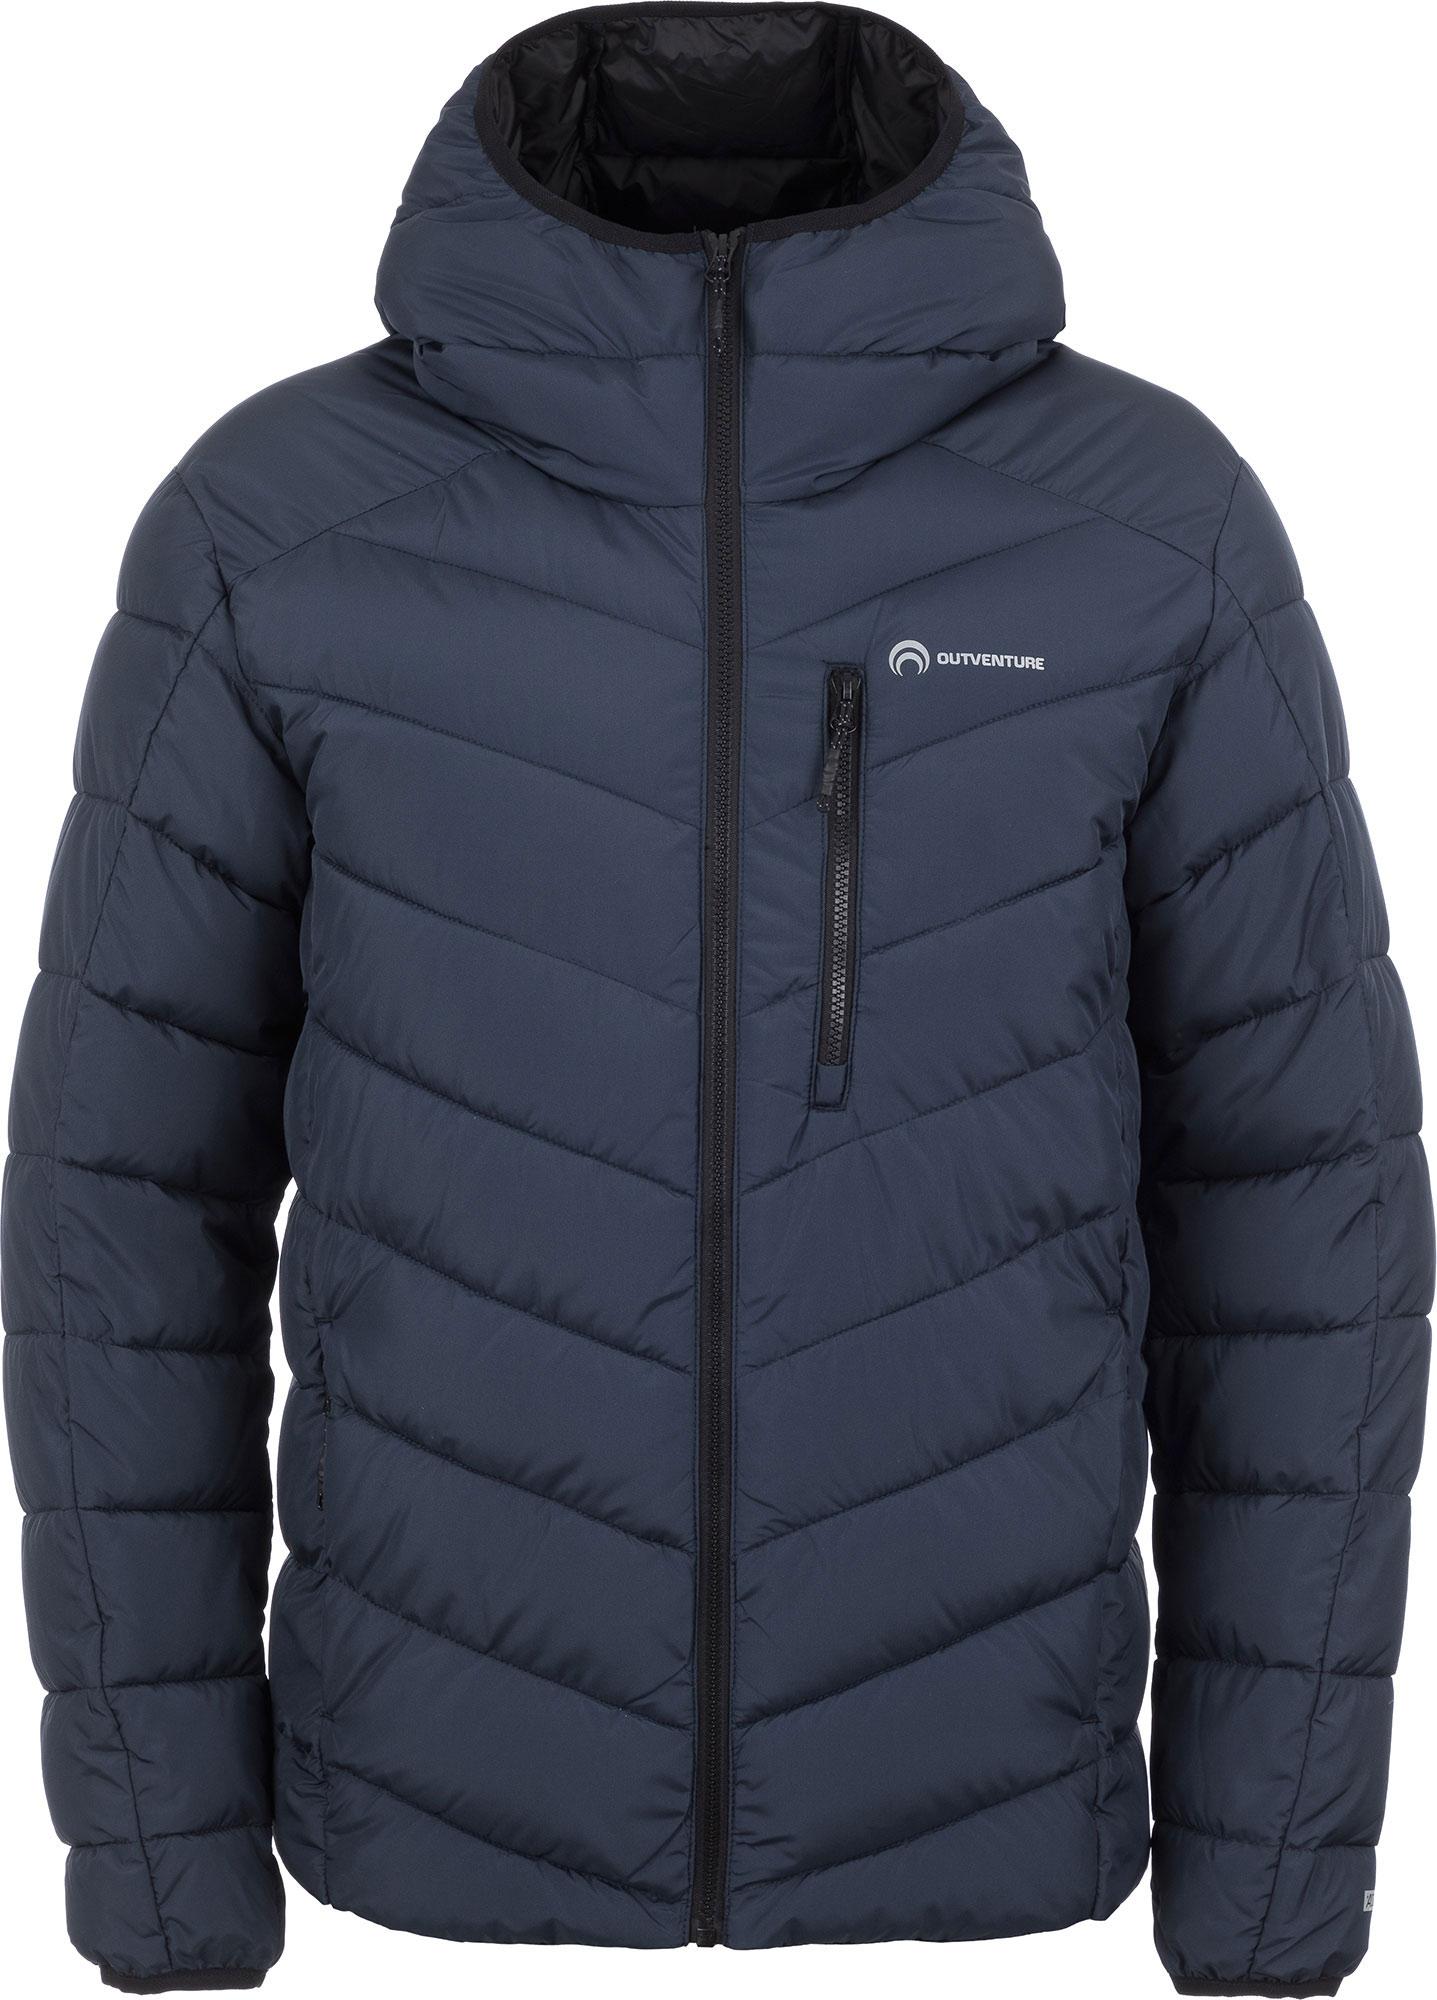 купить Outventure Куртка утепленная мужская Outventure, размер 58 по цене 3499 рублей